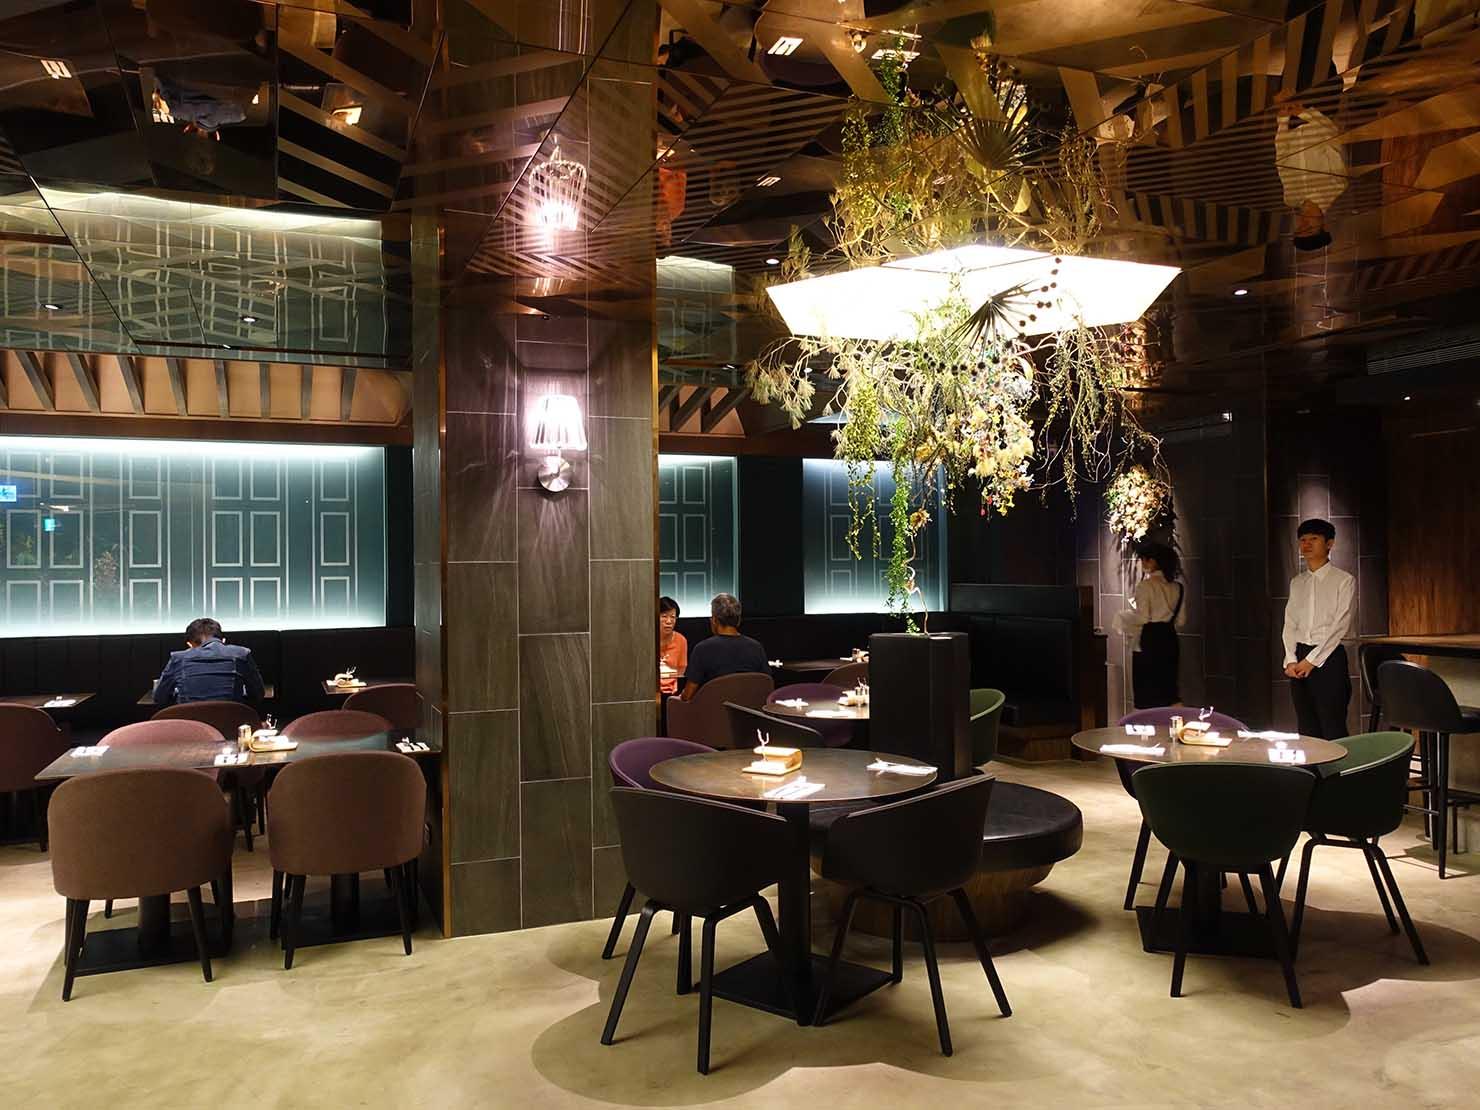 台中駅前のおすすめデザインホテル「紅點文旅 RedDot Hotel」のレストラン・L'AROMEの店内